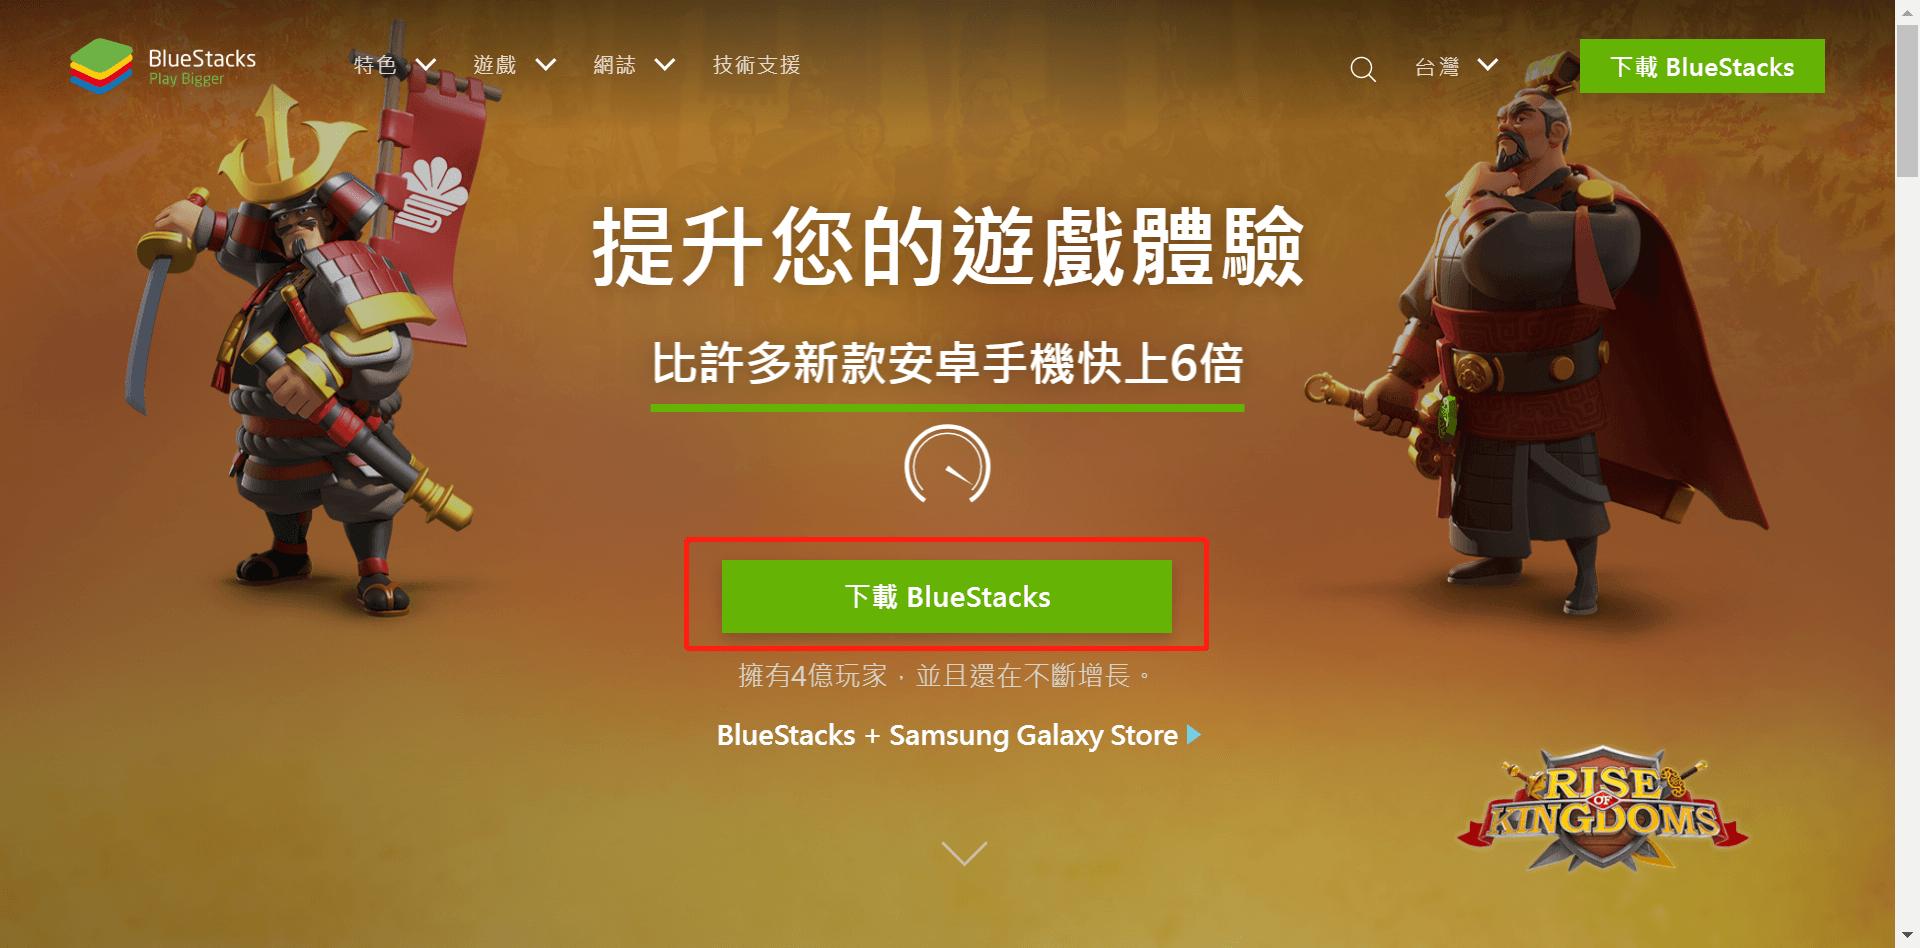 如何下載電腦版《天堂2M》玩高清遊戲-BlueStacks